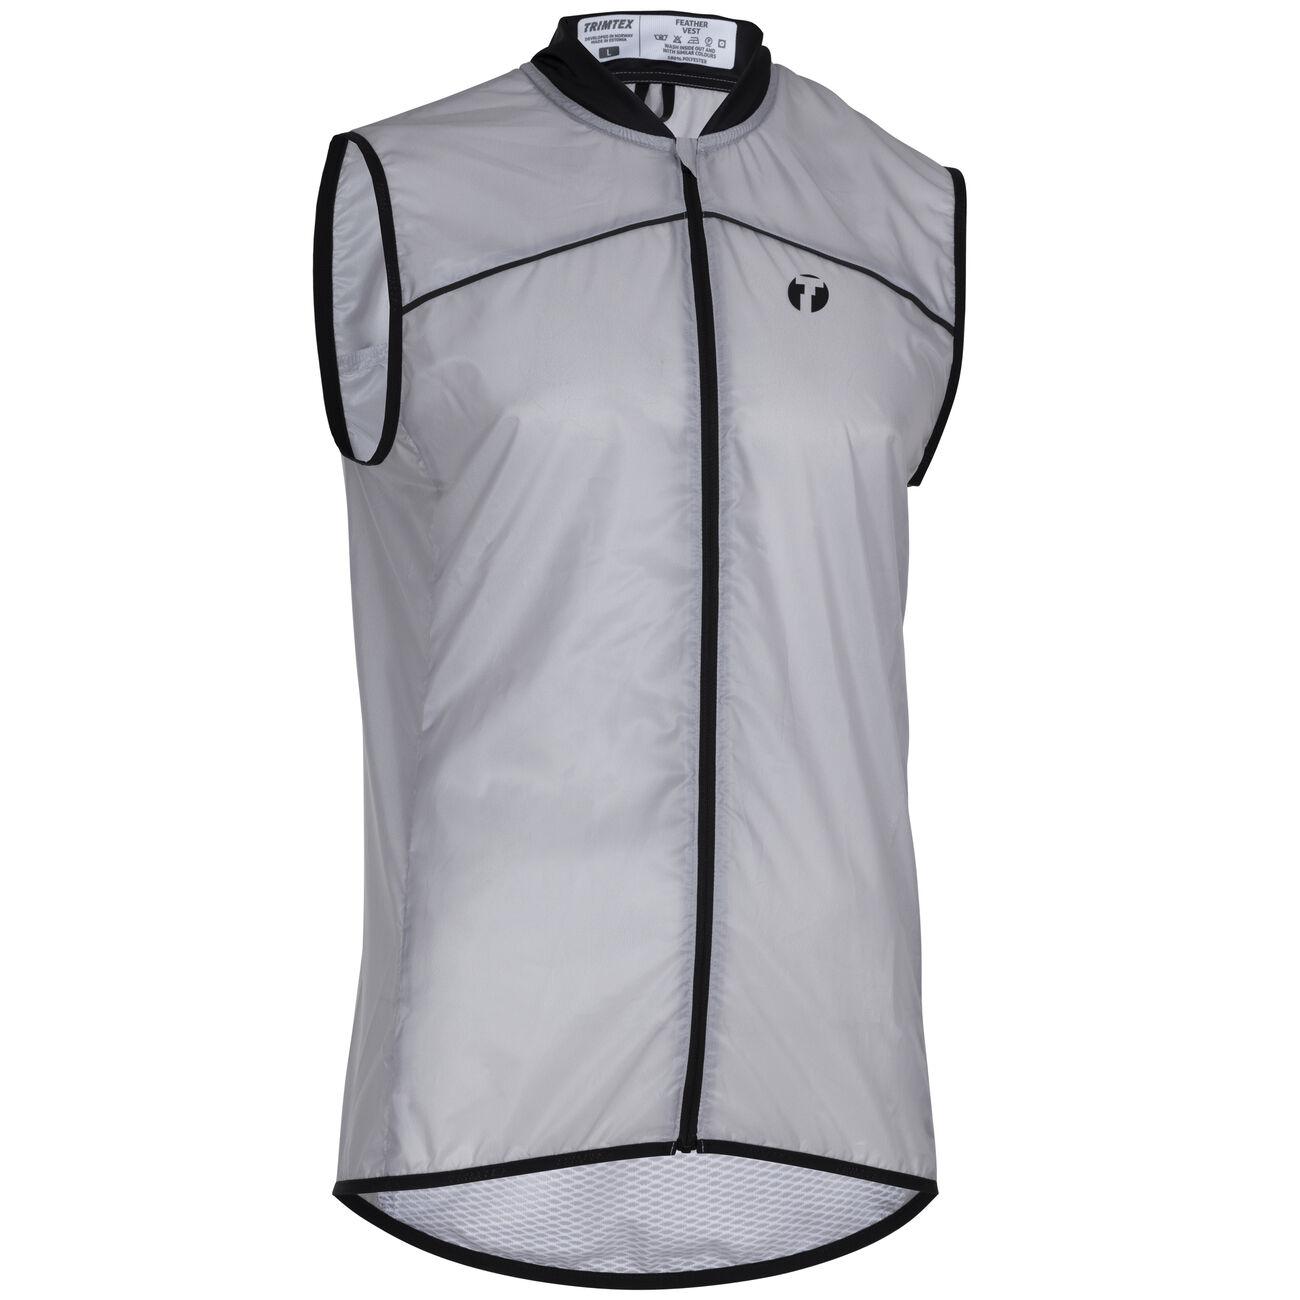 Feather running vest men's